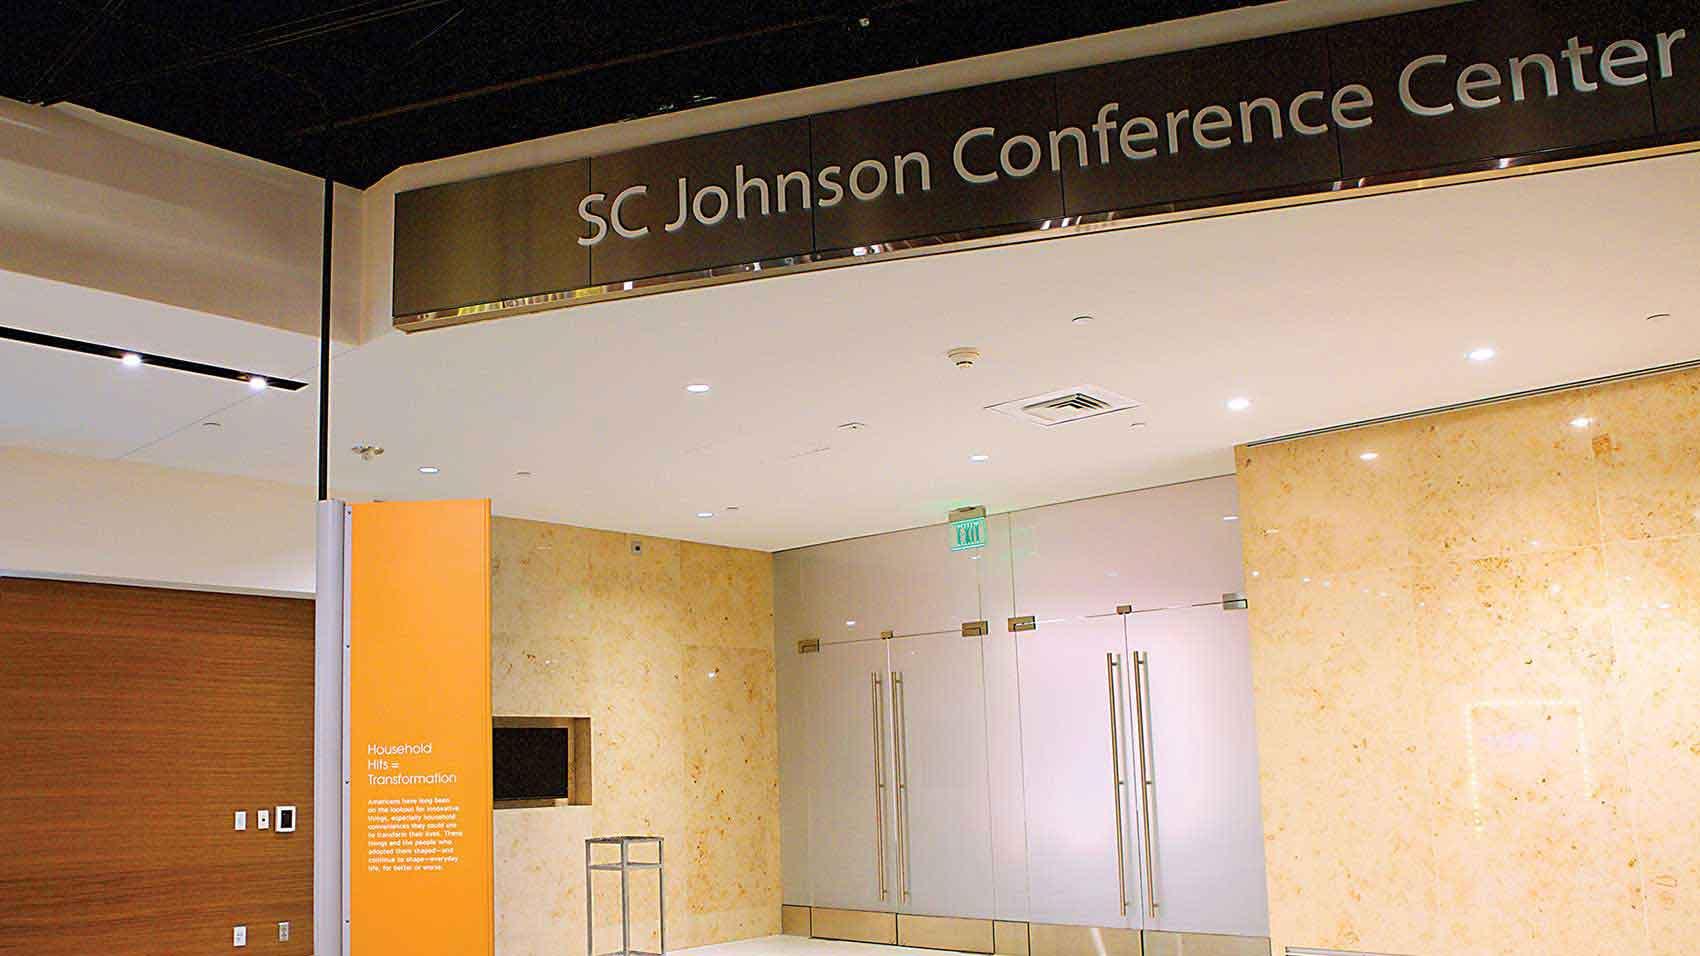 Centro de Conferências da SCJohnson no Smithsonian